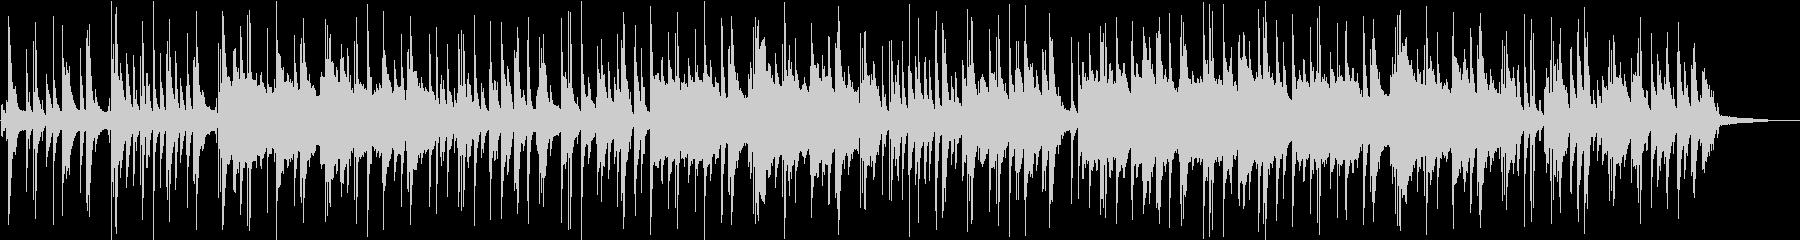 ピアノとサックスな静かなバラードの未再生の波形